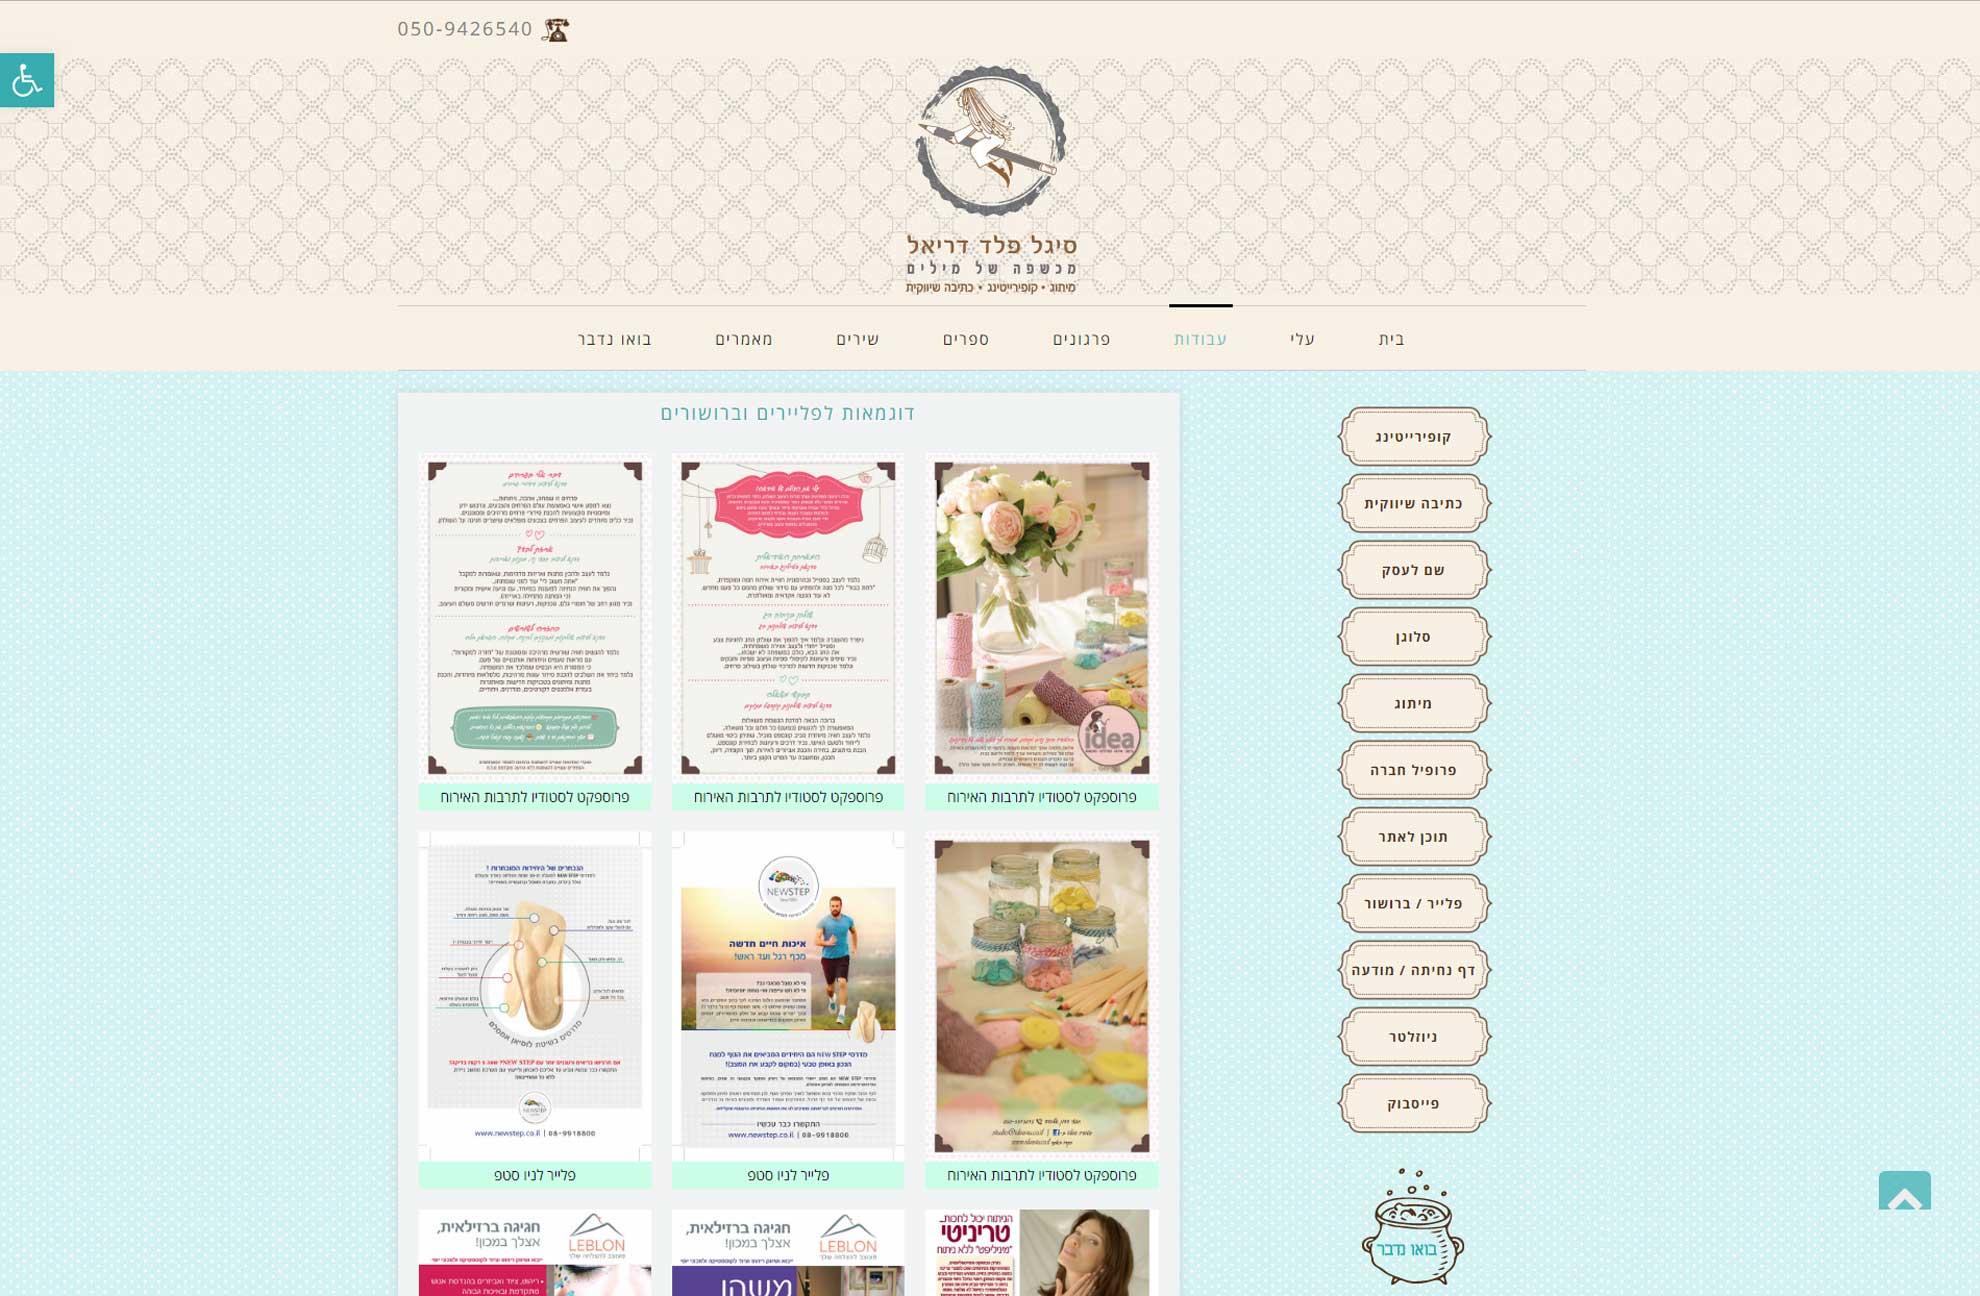 מעוף עיצובים-עיצוב ובניית אתר כותבת תוכן-מכשפה של מילים סיגל דריאל